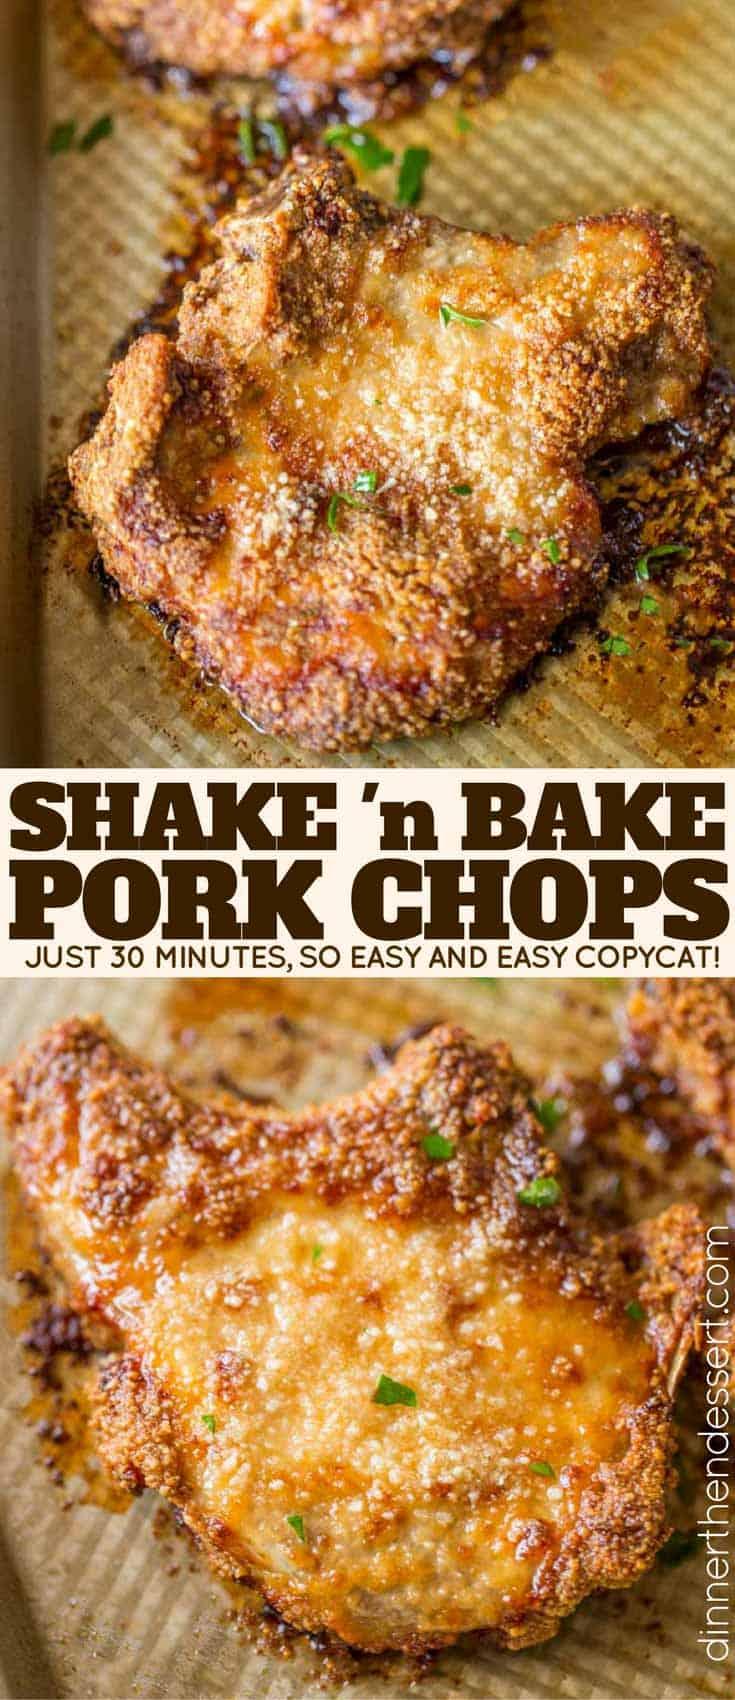 shake and bake method instructions